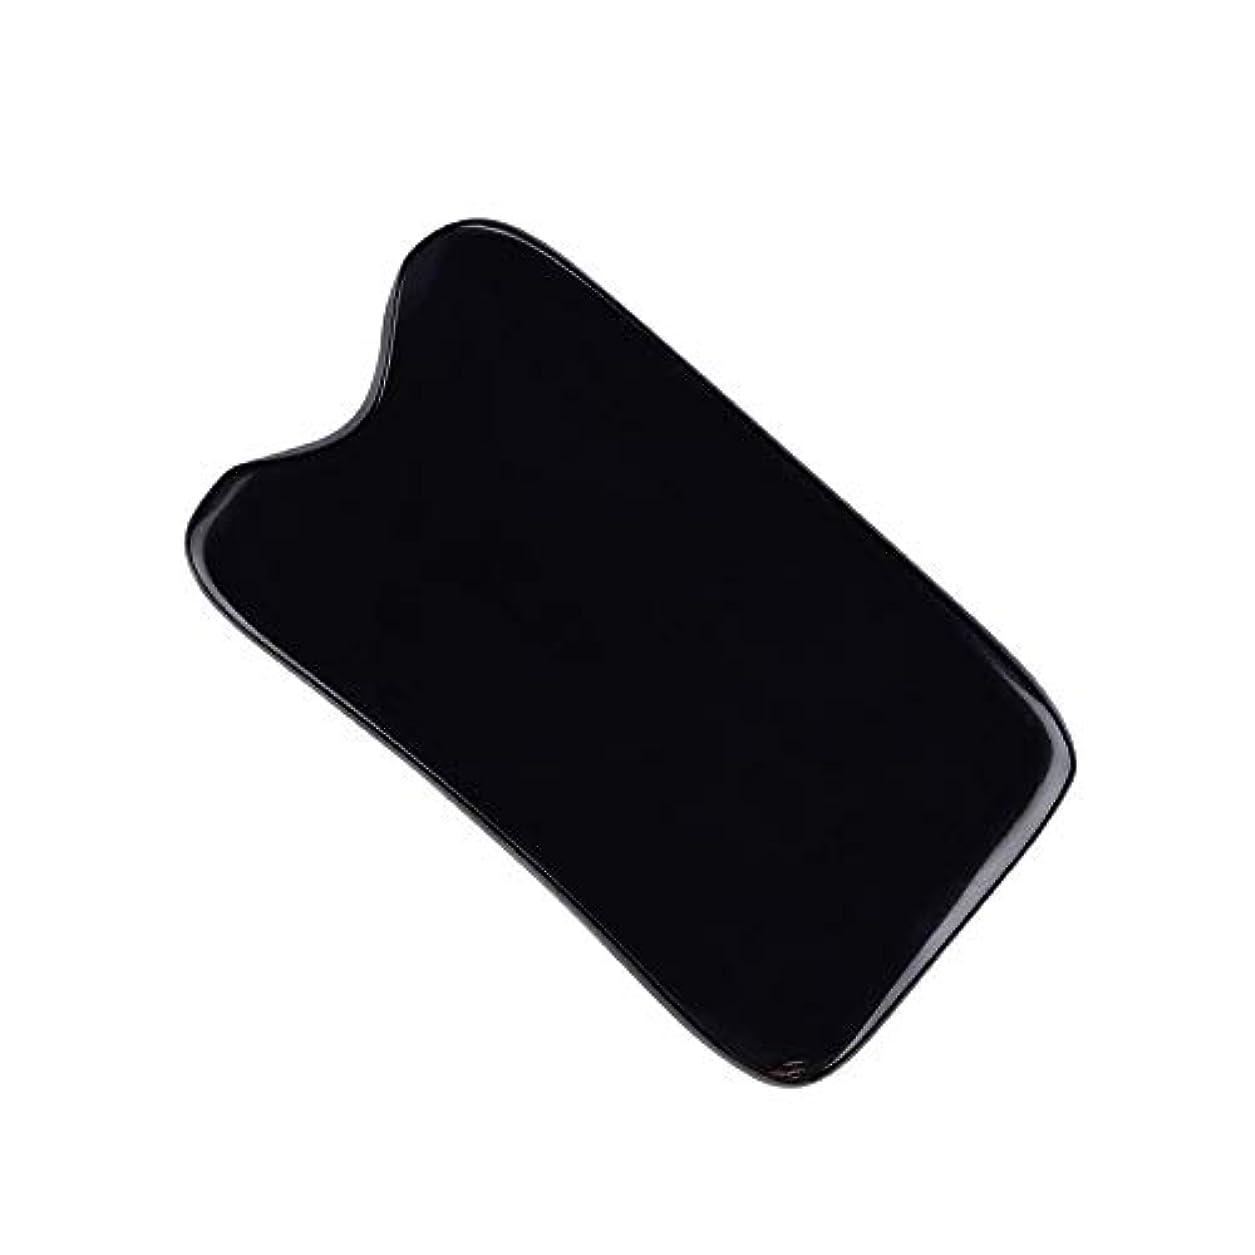 ゆりかご服を洗う研磨MUOBOFU 手作り カッサ?マッサージ?美容道具 多用スクレーパー 四角形?溝付く 牛の角製